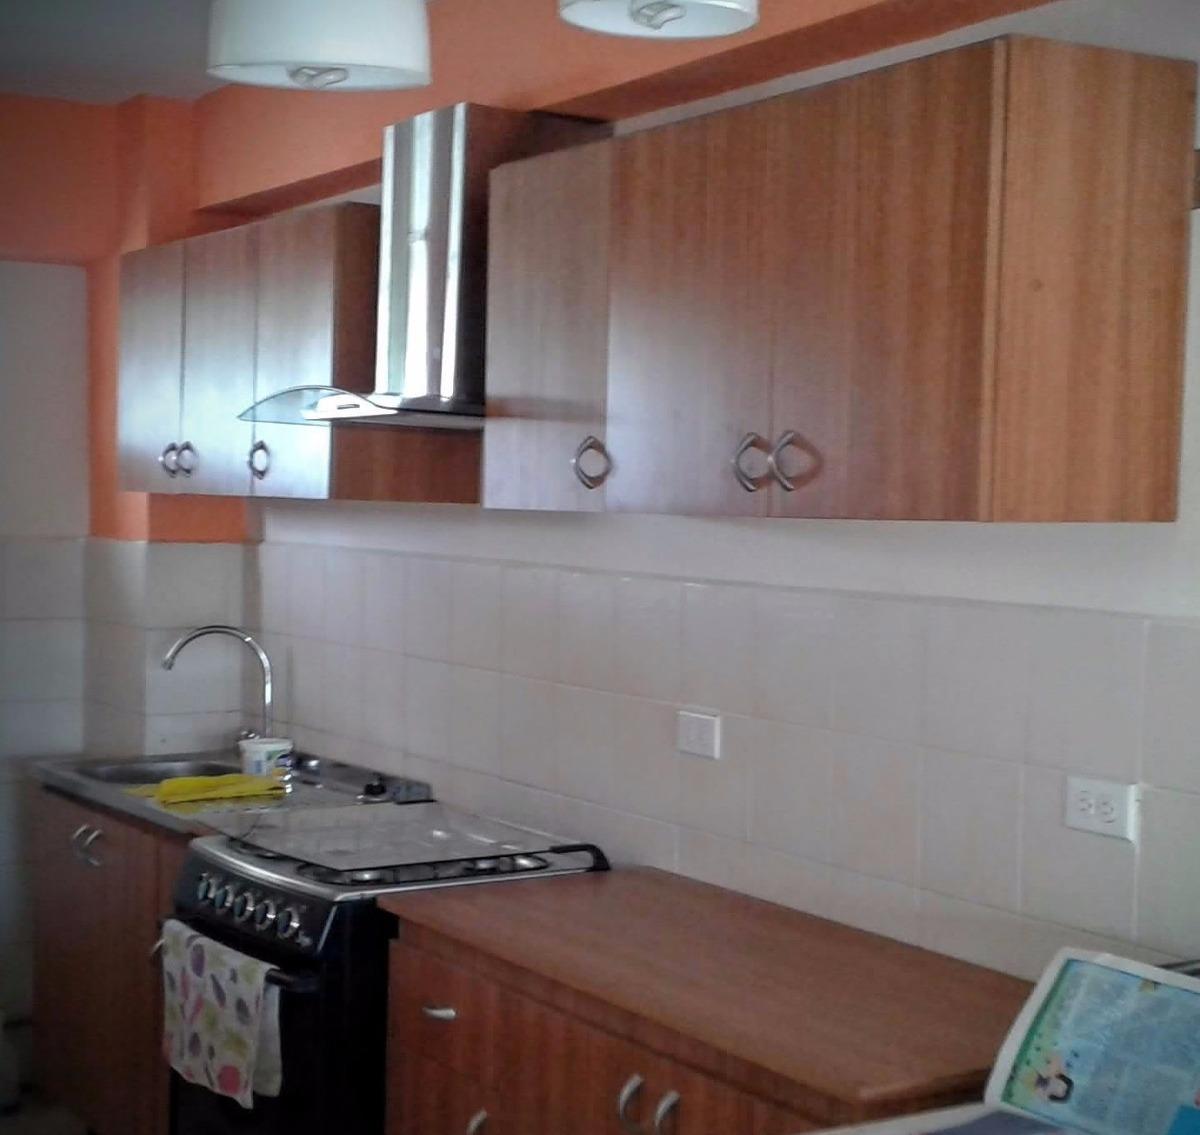 Mueble de cocina para fregadero de sobreponer de 120x50 - Mueble rinconera cocina ...